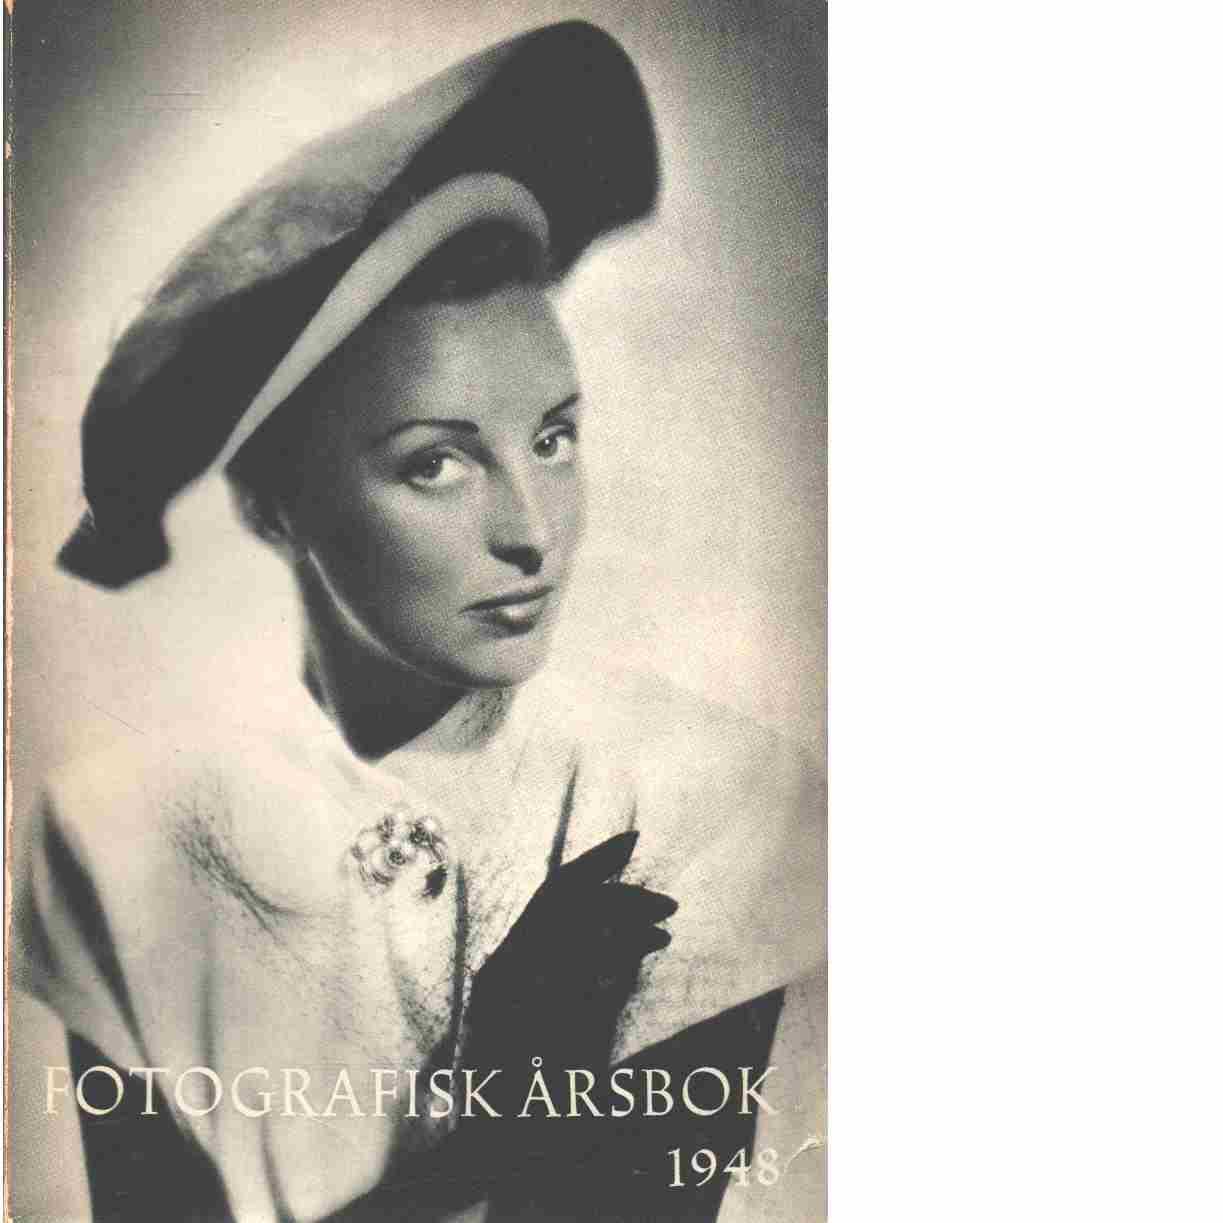 Fotografisk årsbok. 1948 - Red.